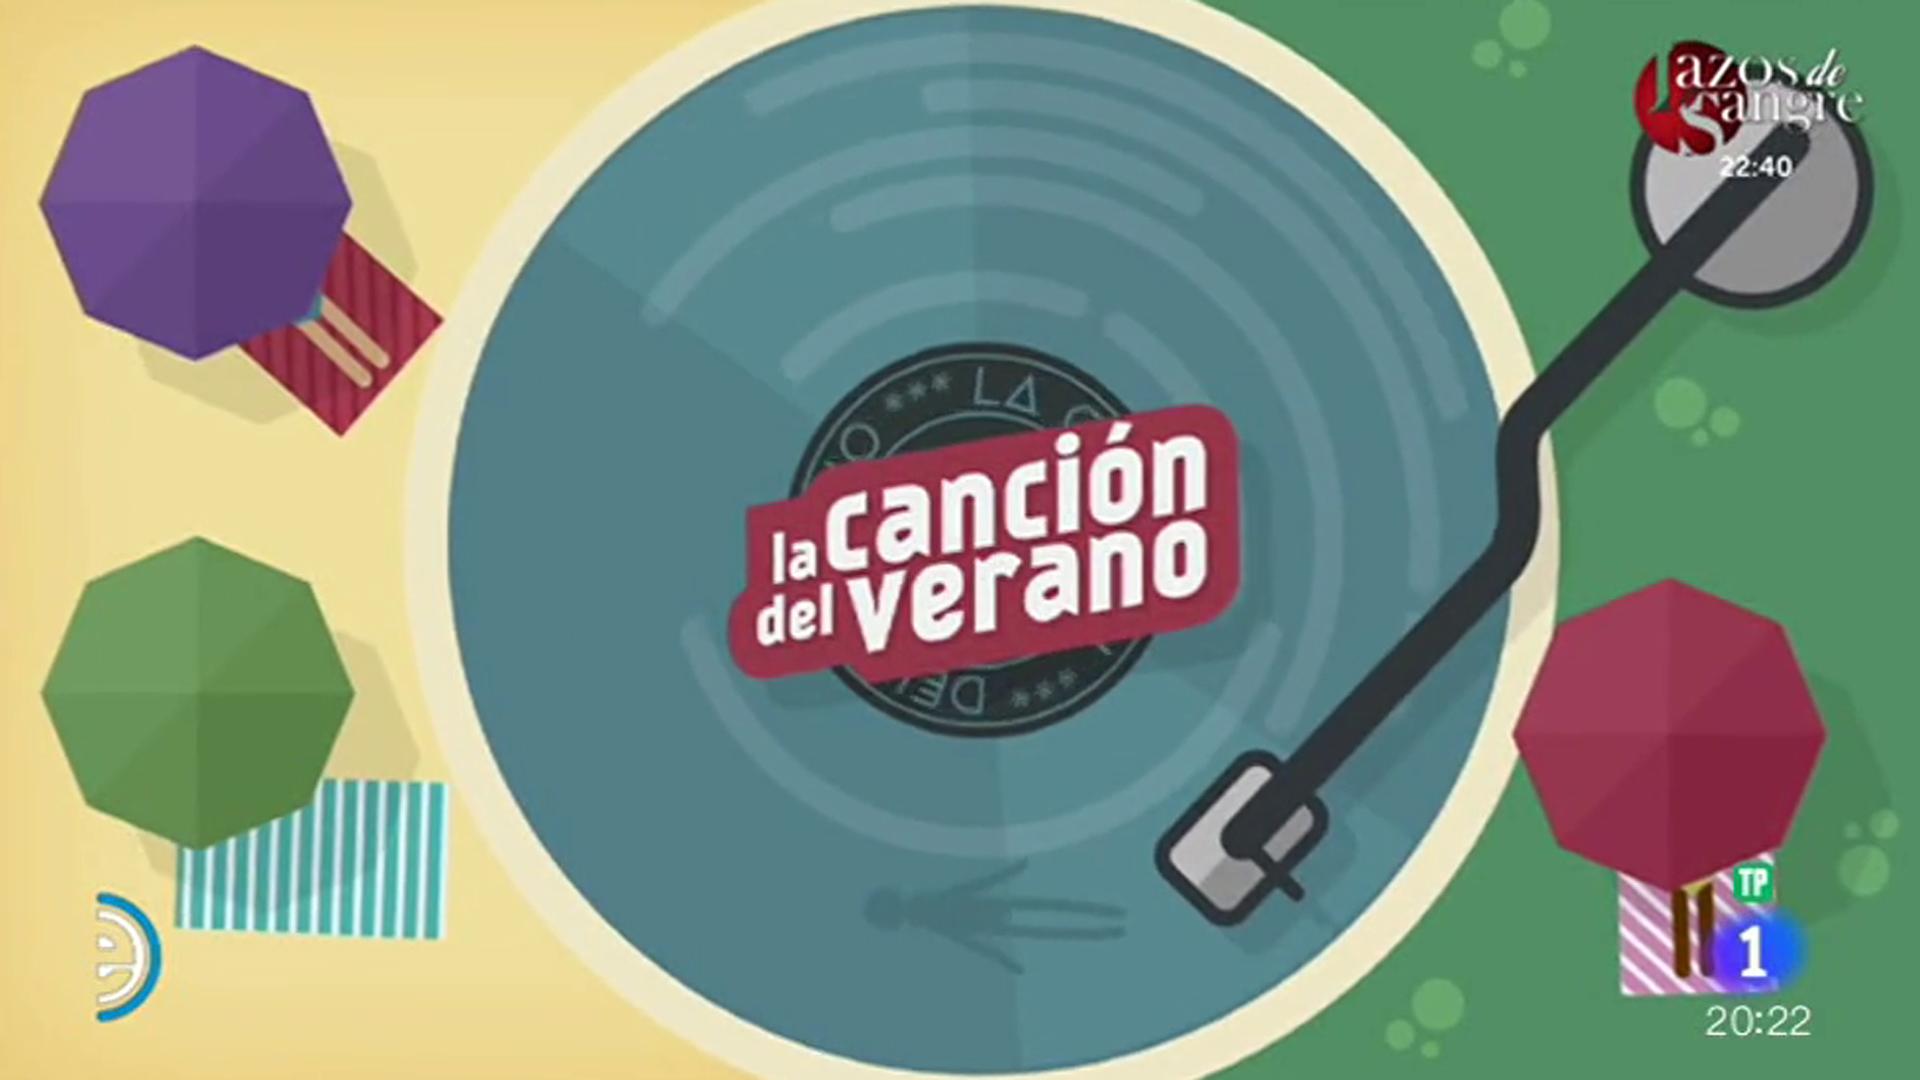 España Directo - ¿Cuál es la canción del verano?